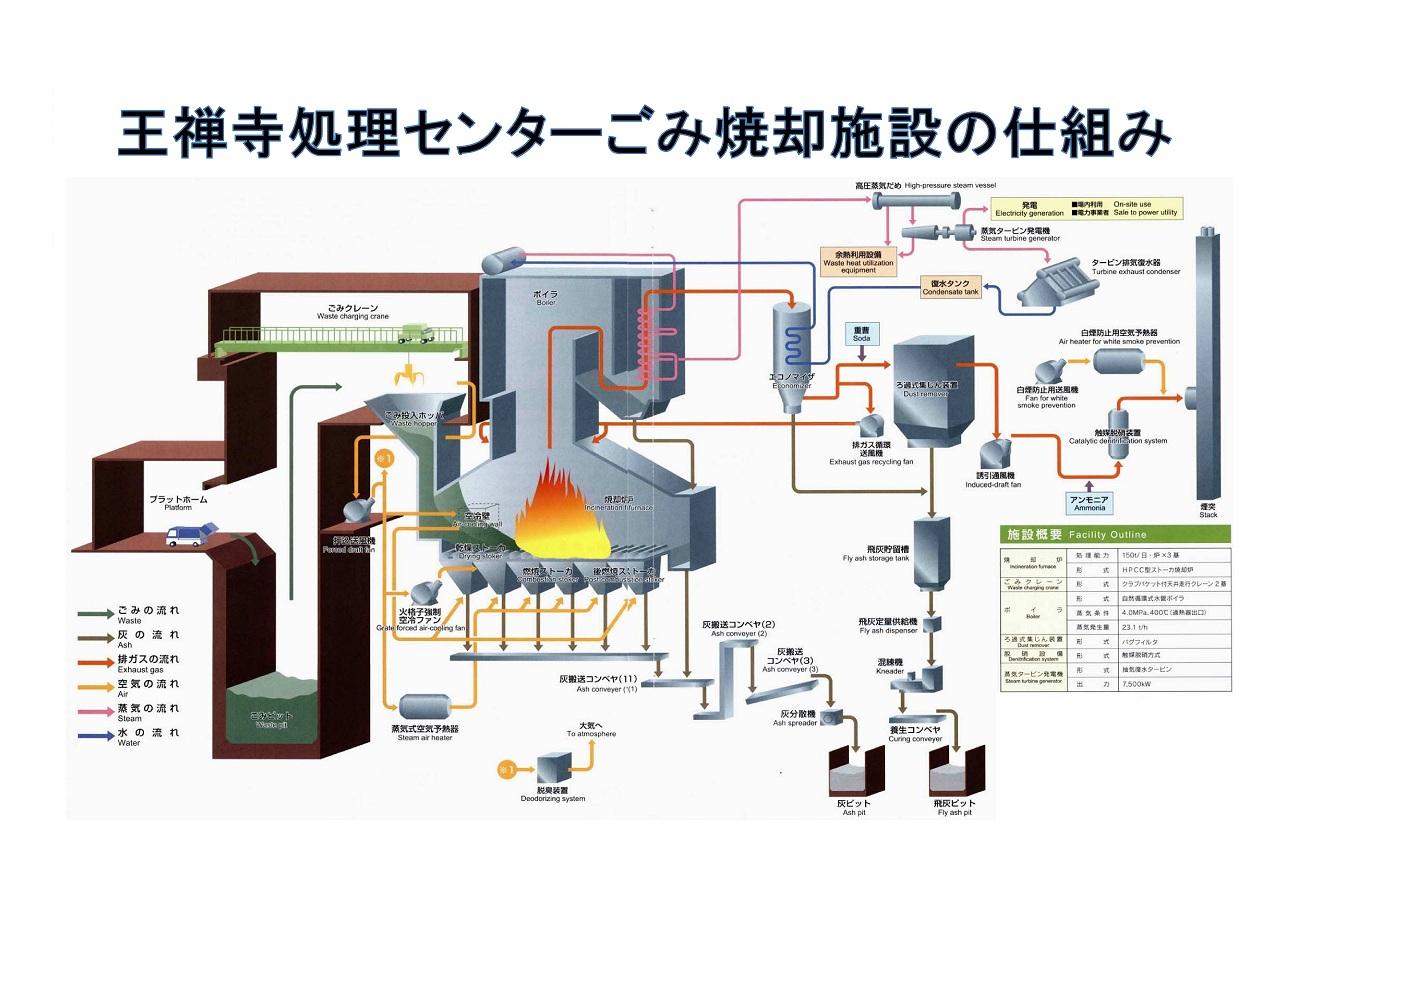 川崎市:王禅時処理センターのごみ焼却施設のしくみ